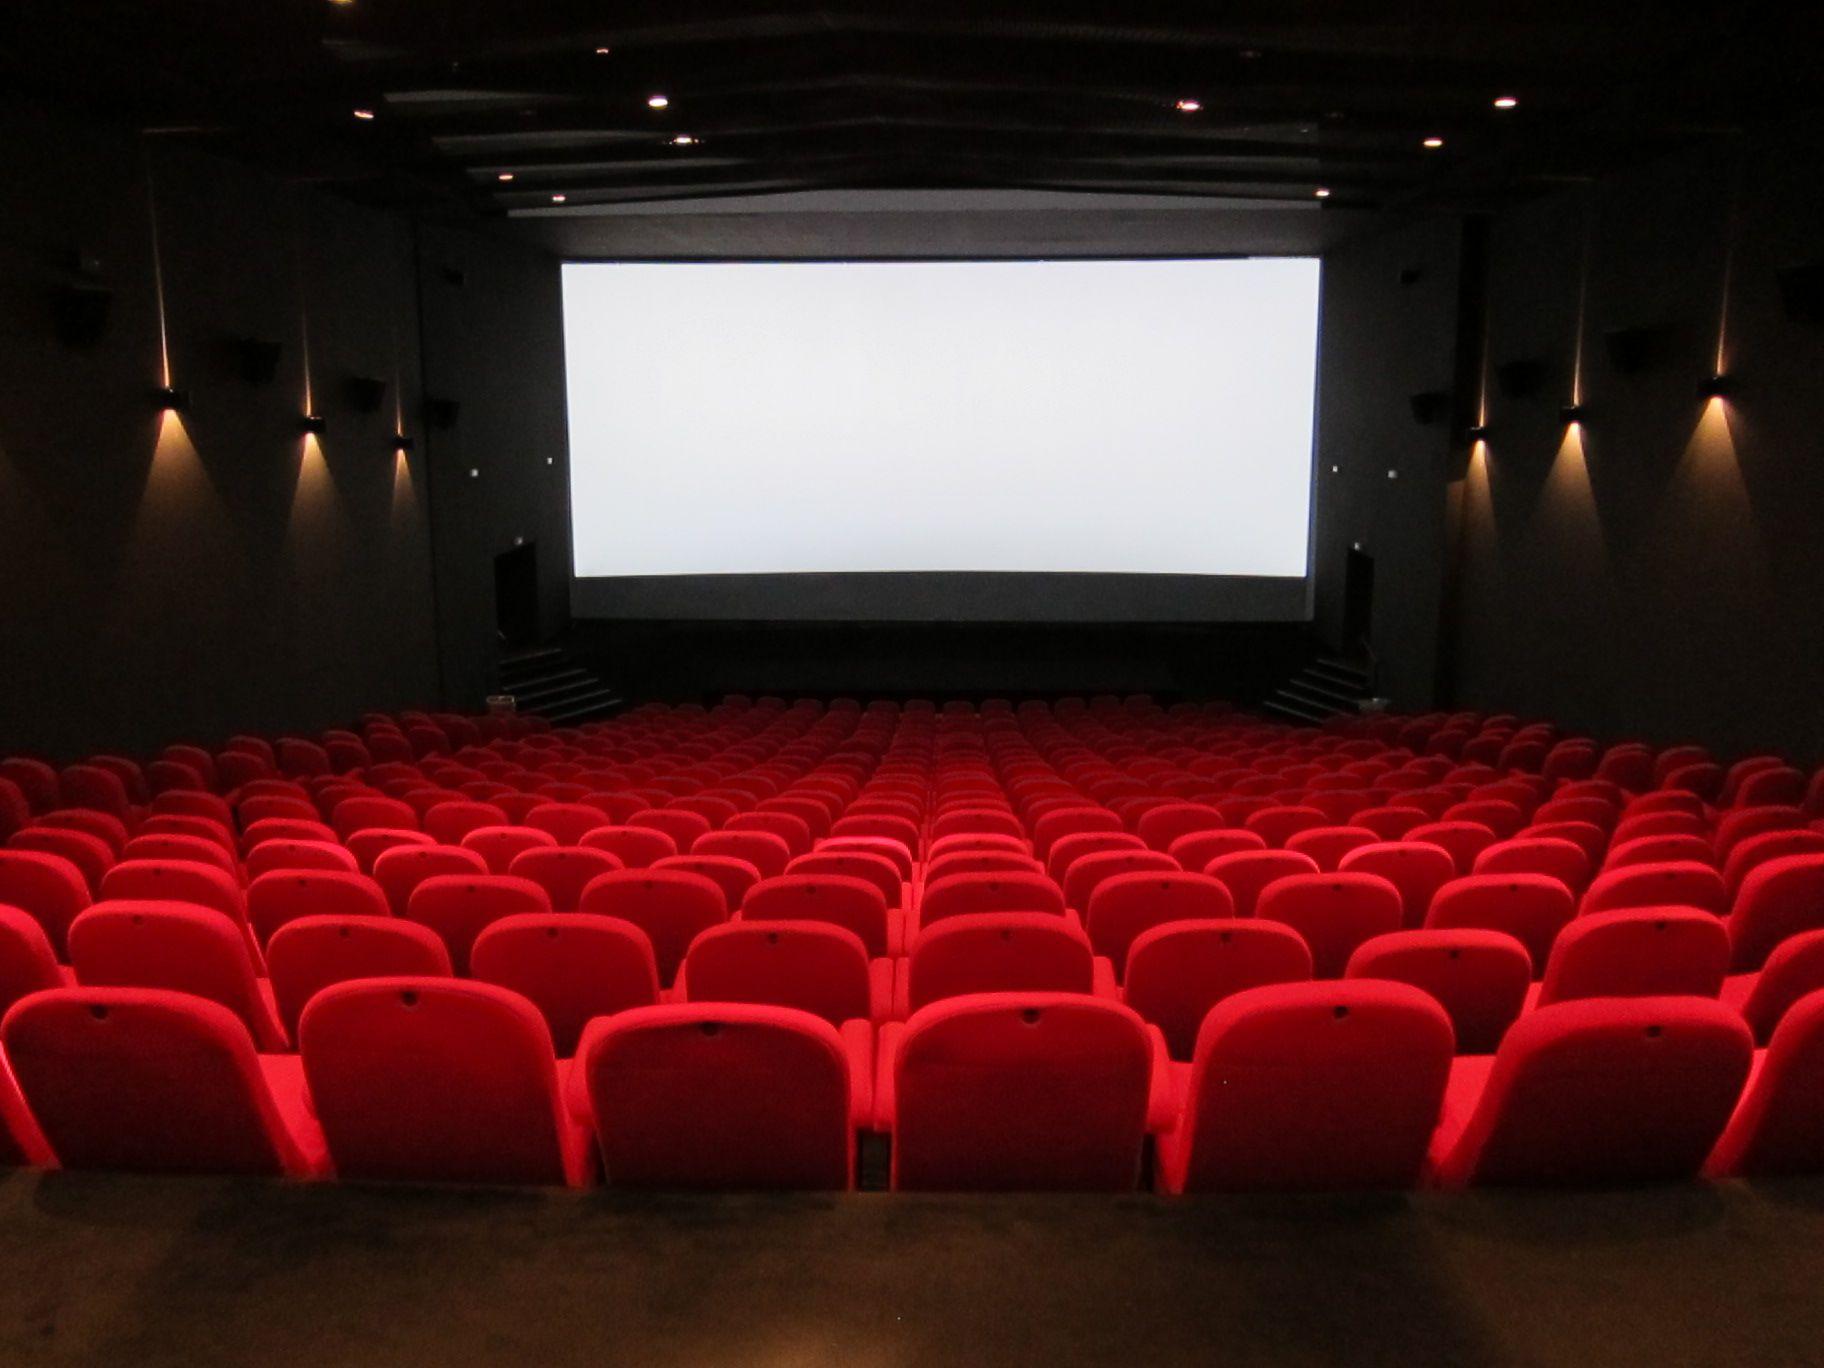 Quels mots font le plus vendre un film?